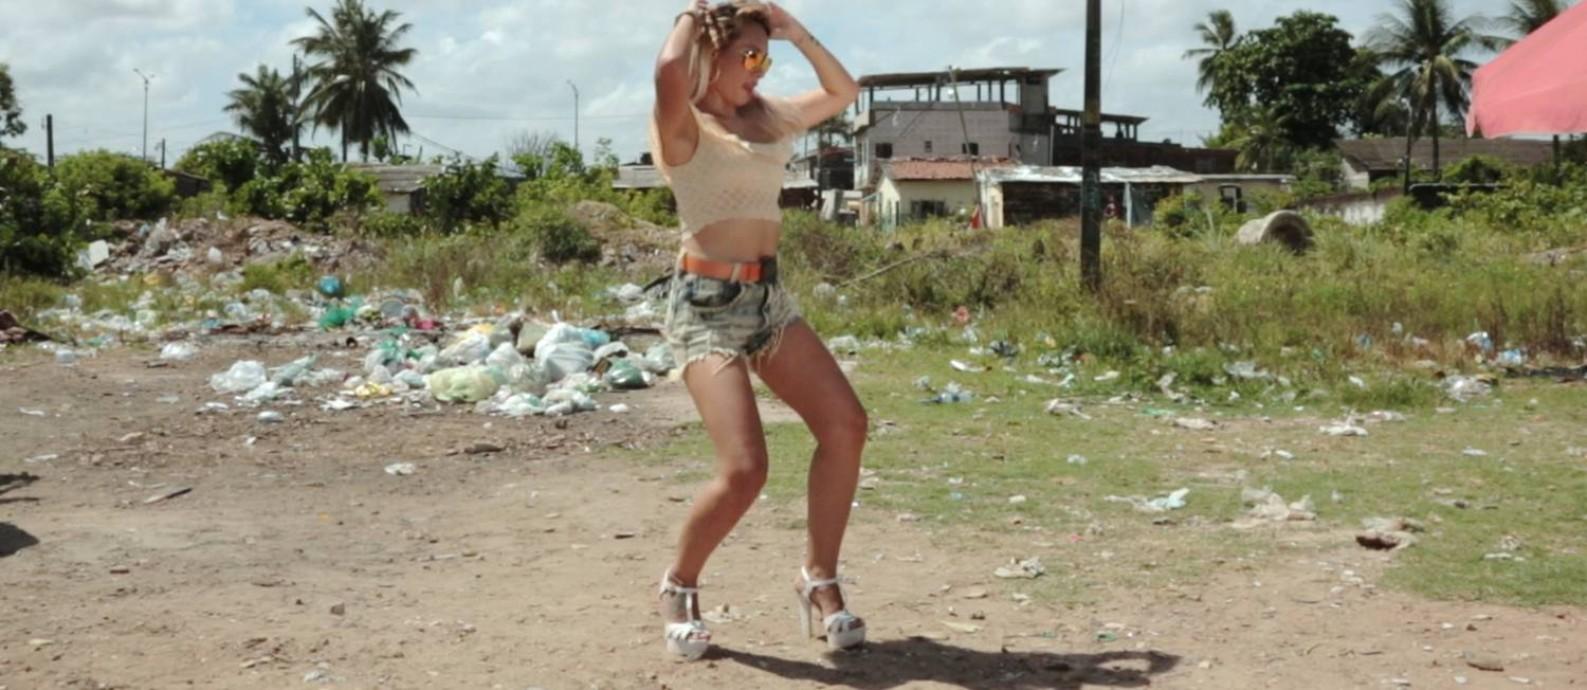 """Cena de """"Estás vendo coisas"""", que investiga a indústria do brega em Pernambuco Foto: Divulgação"""